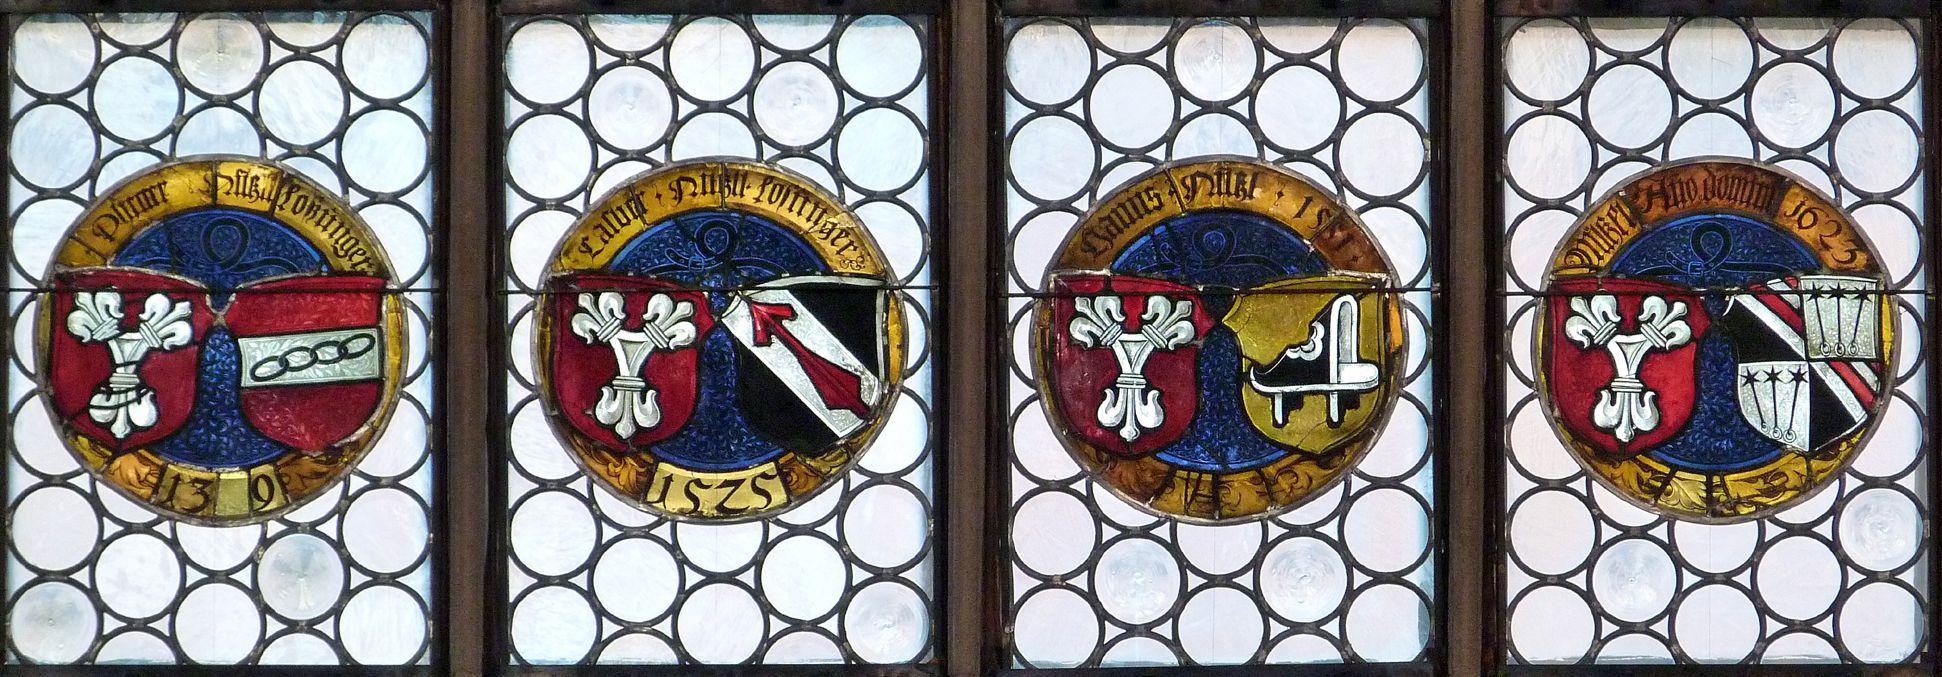 Hirschvogelfenster Reihe runder Allianzwappenscheiben